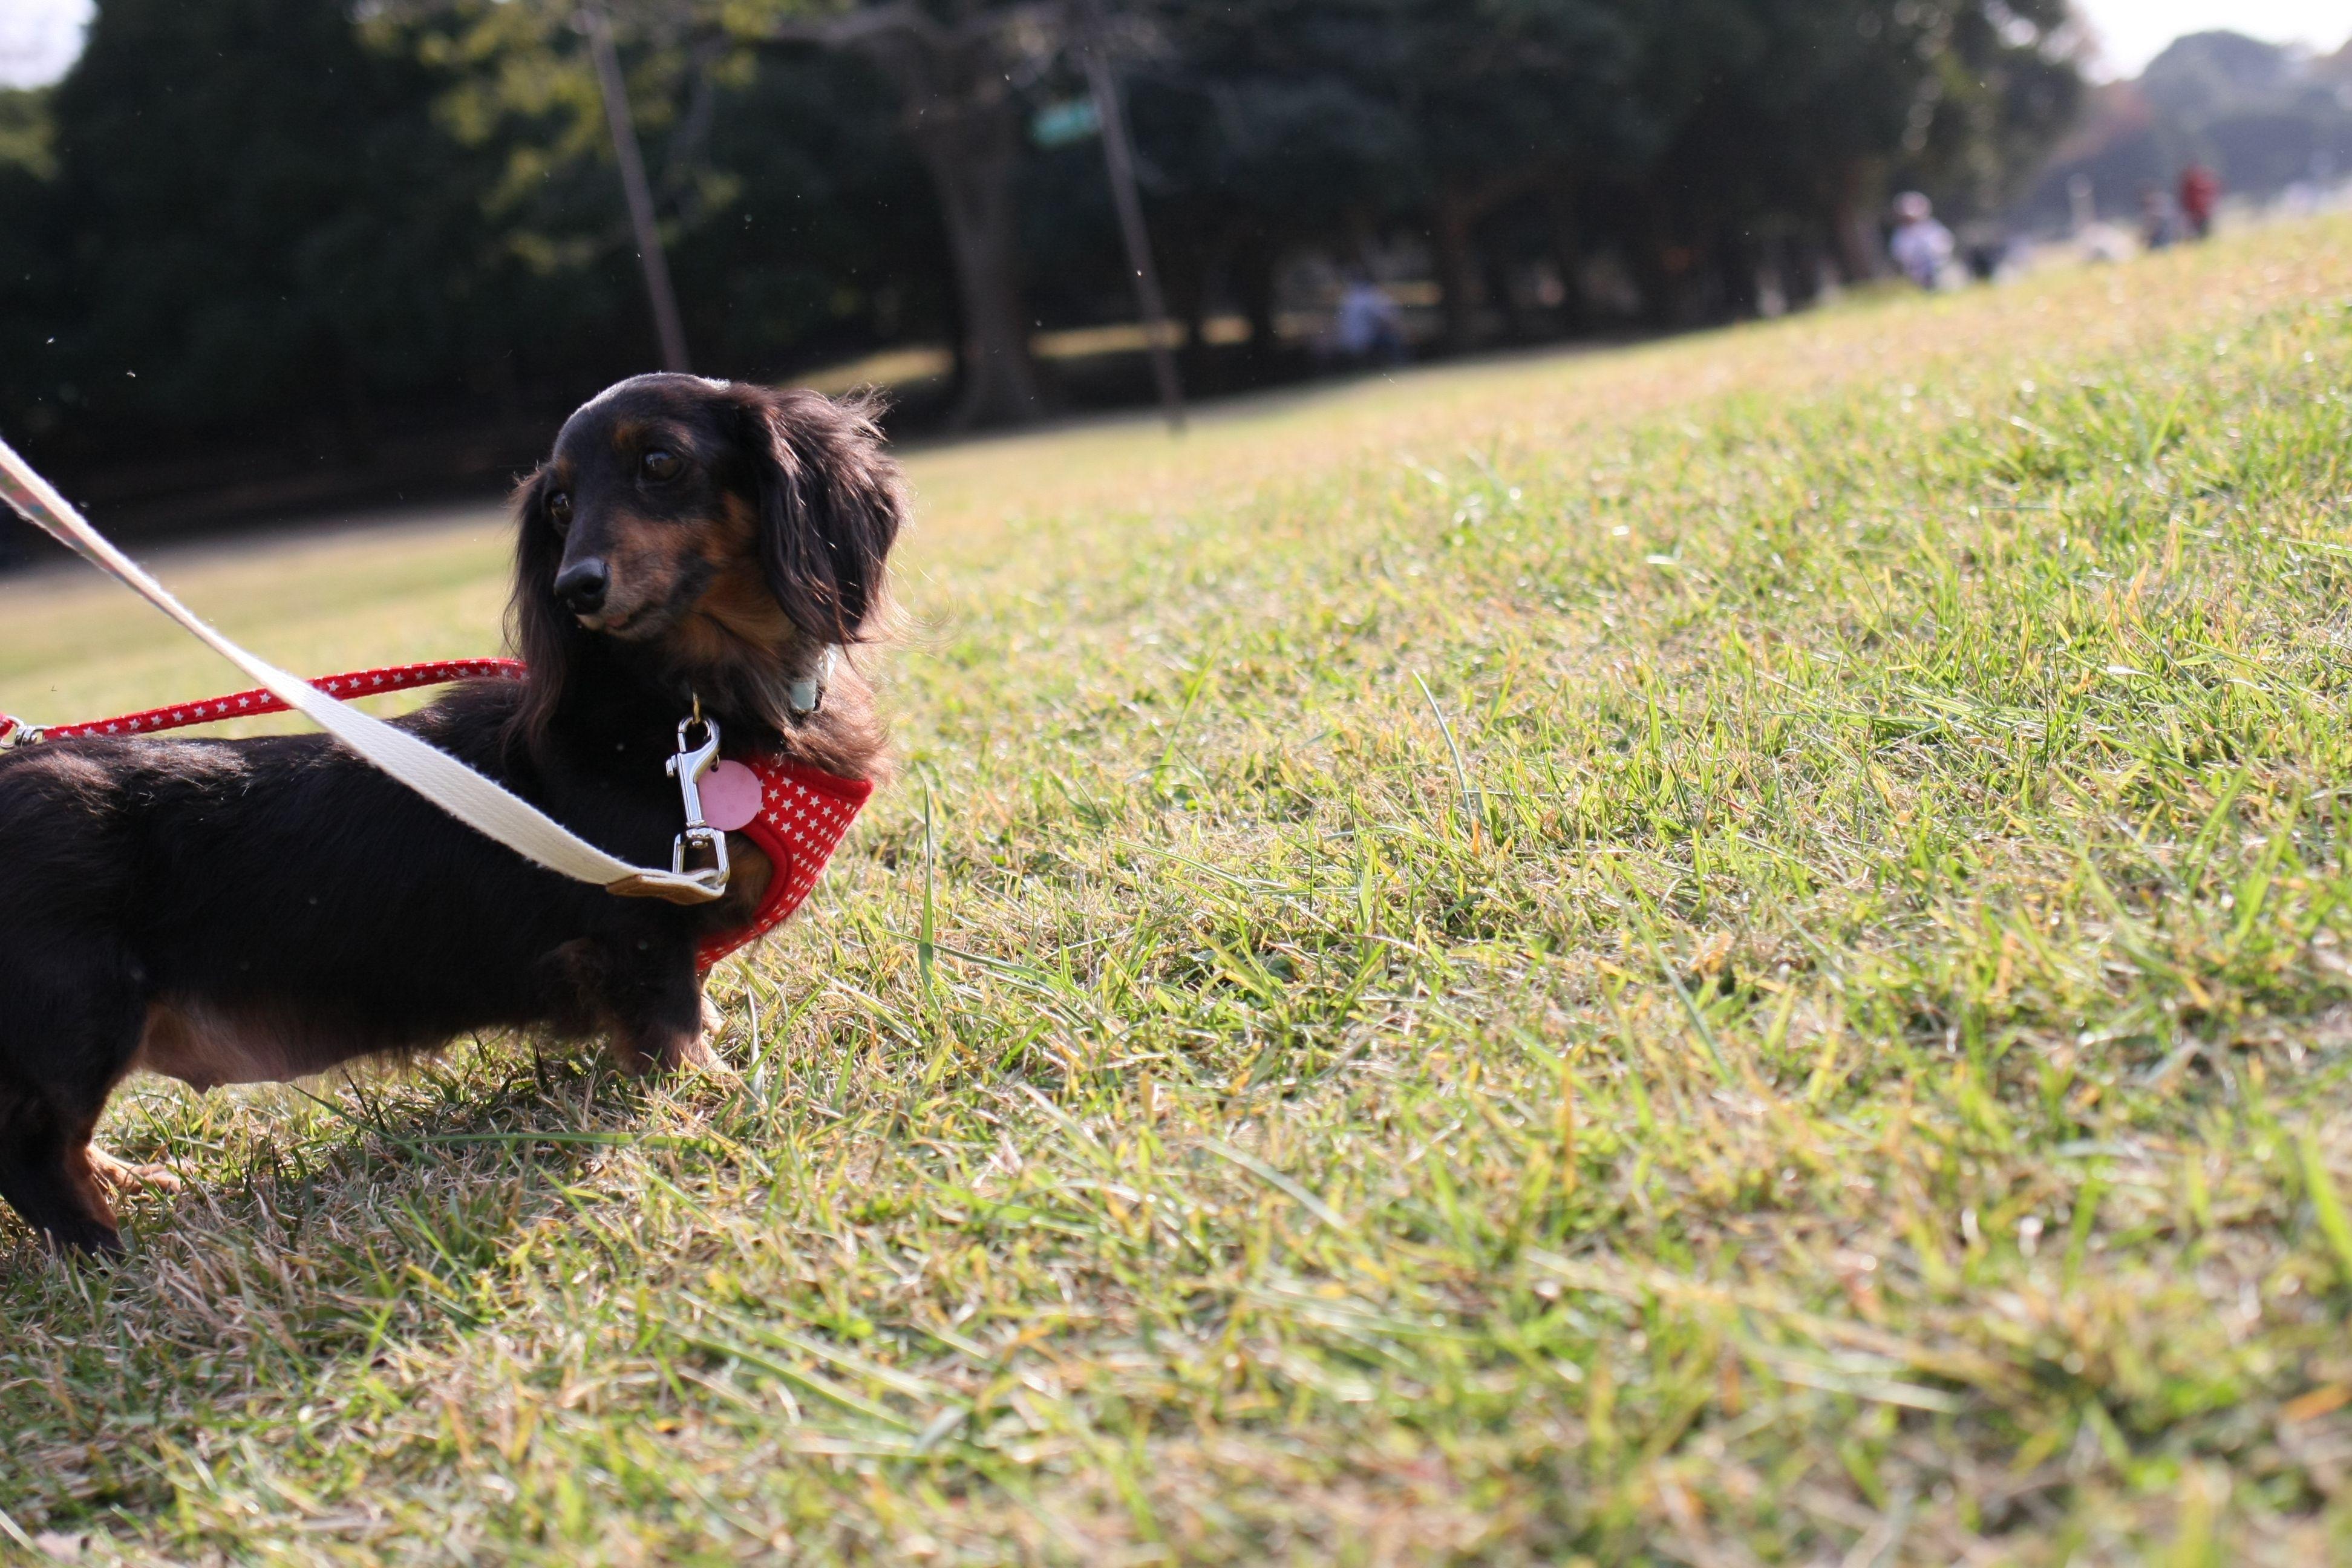 ここは高原 根岸森林公園 横浜市 犬 公園 犬 散歩